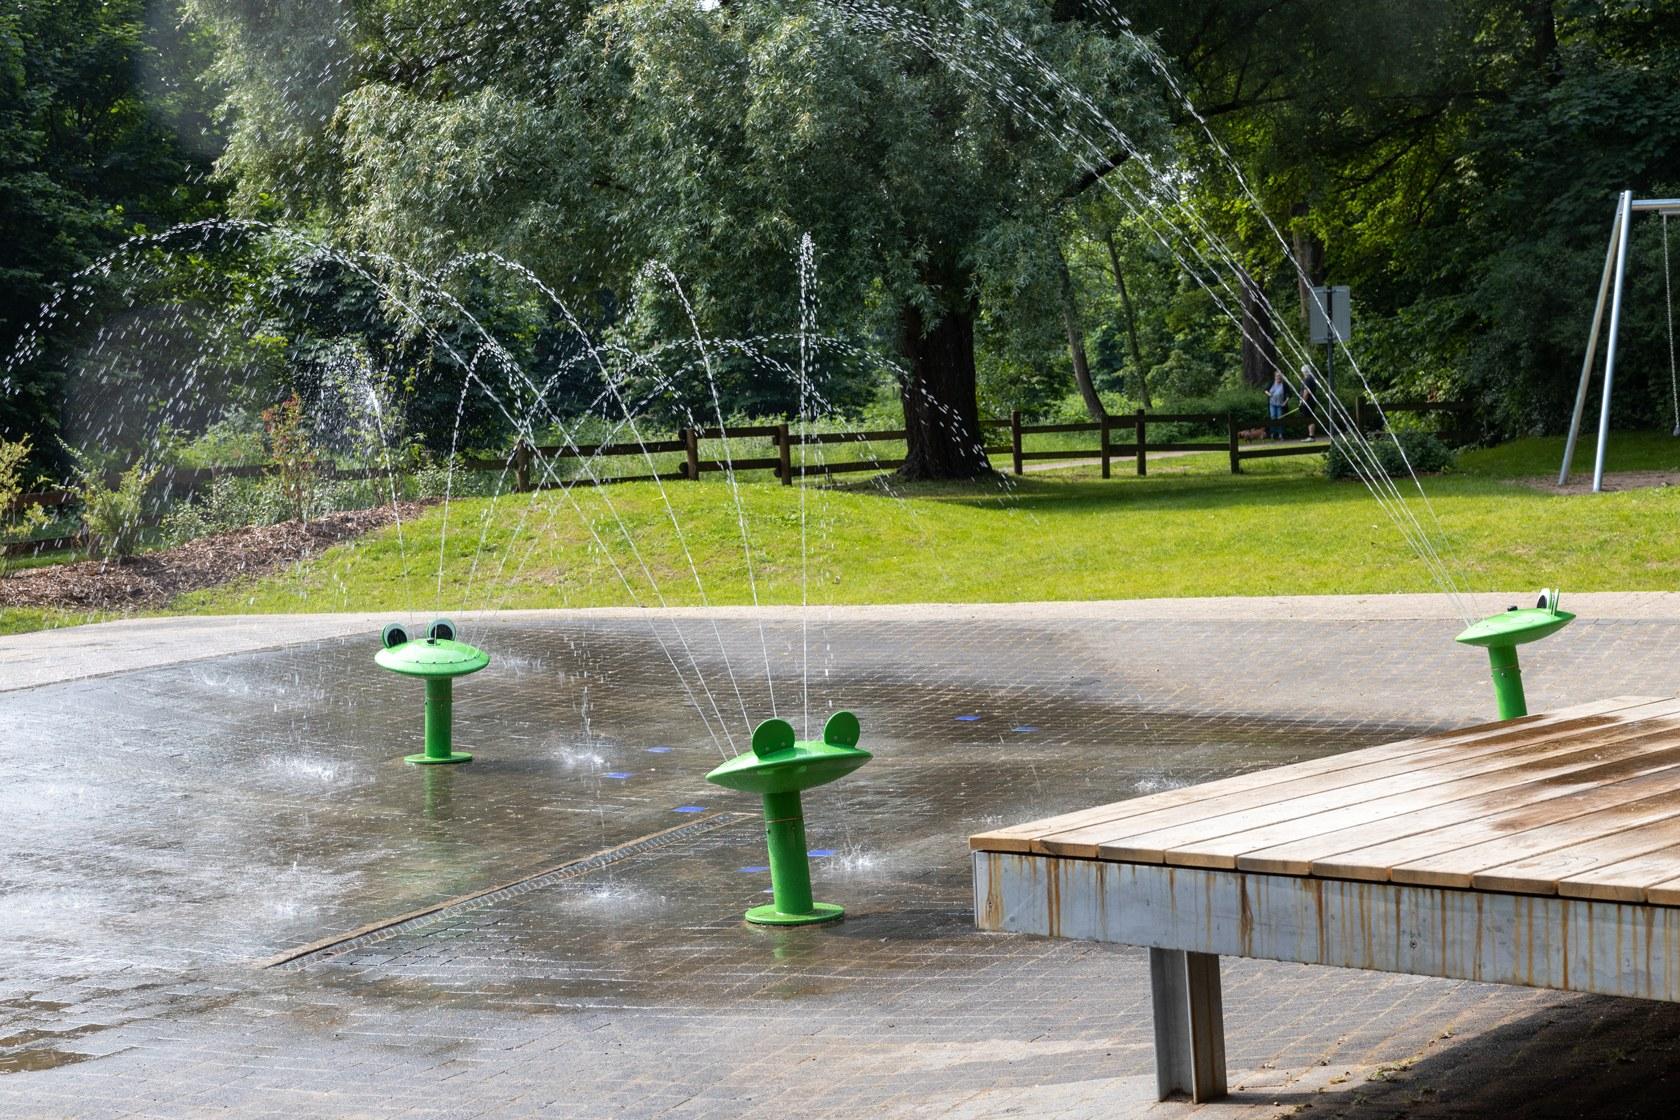 stadt_neuss_wasserspielplatz_erfttal_2021-3.jpg